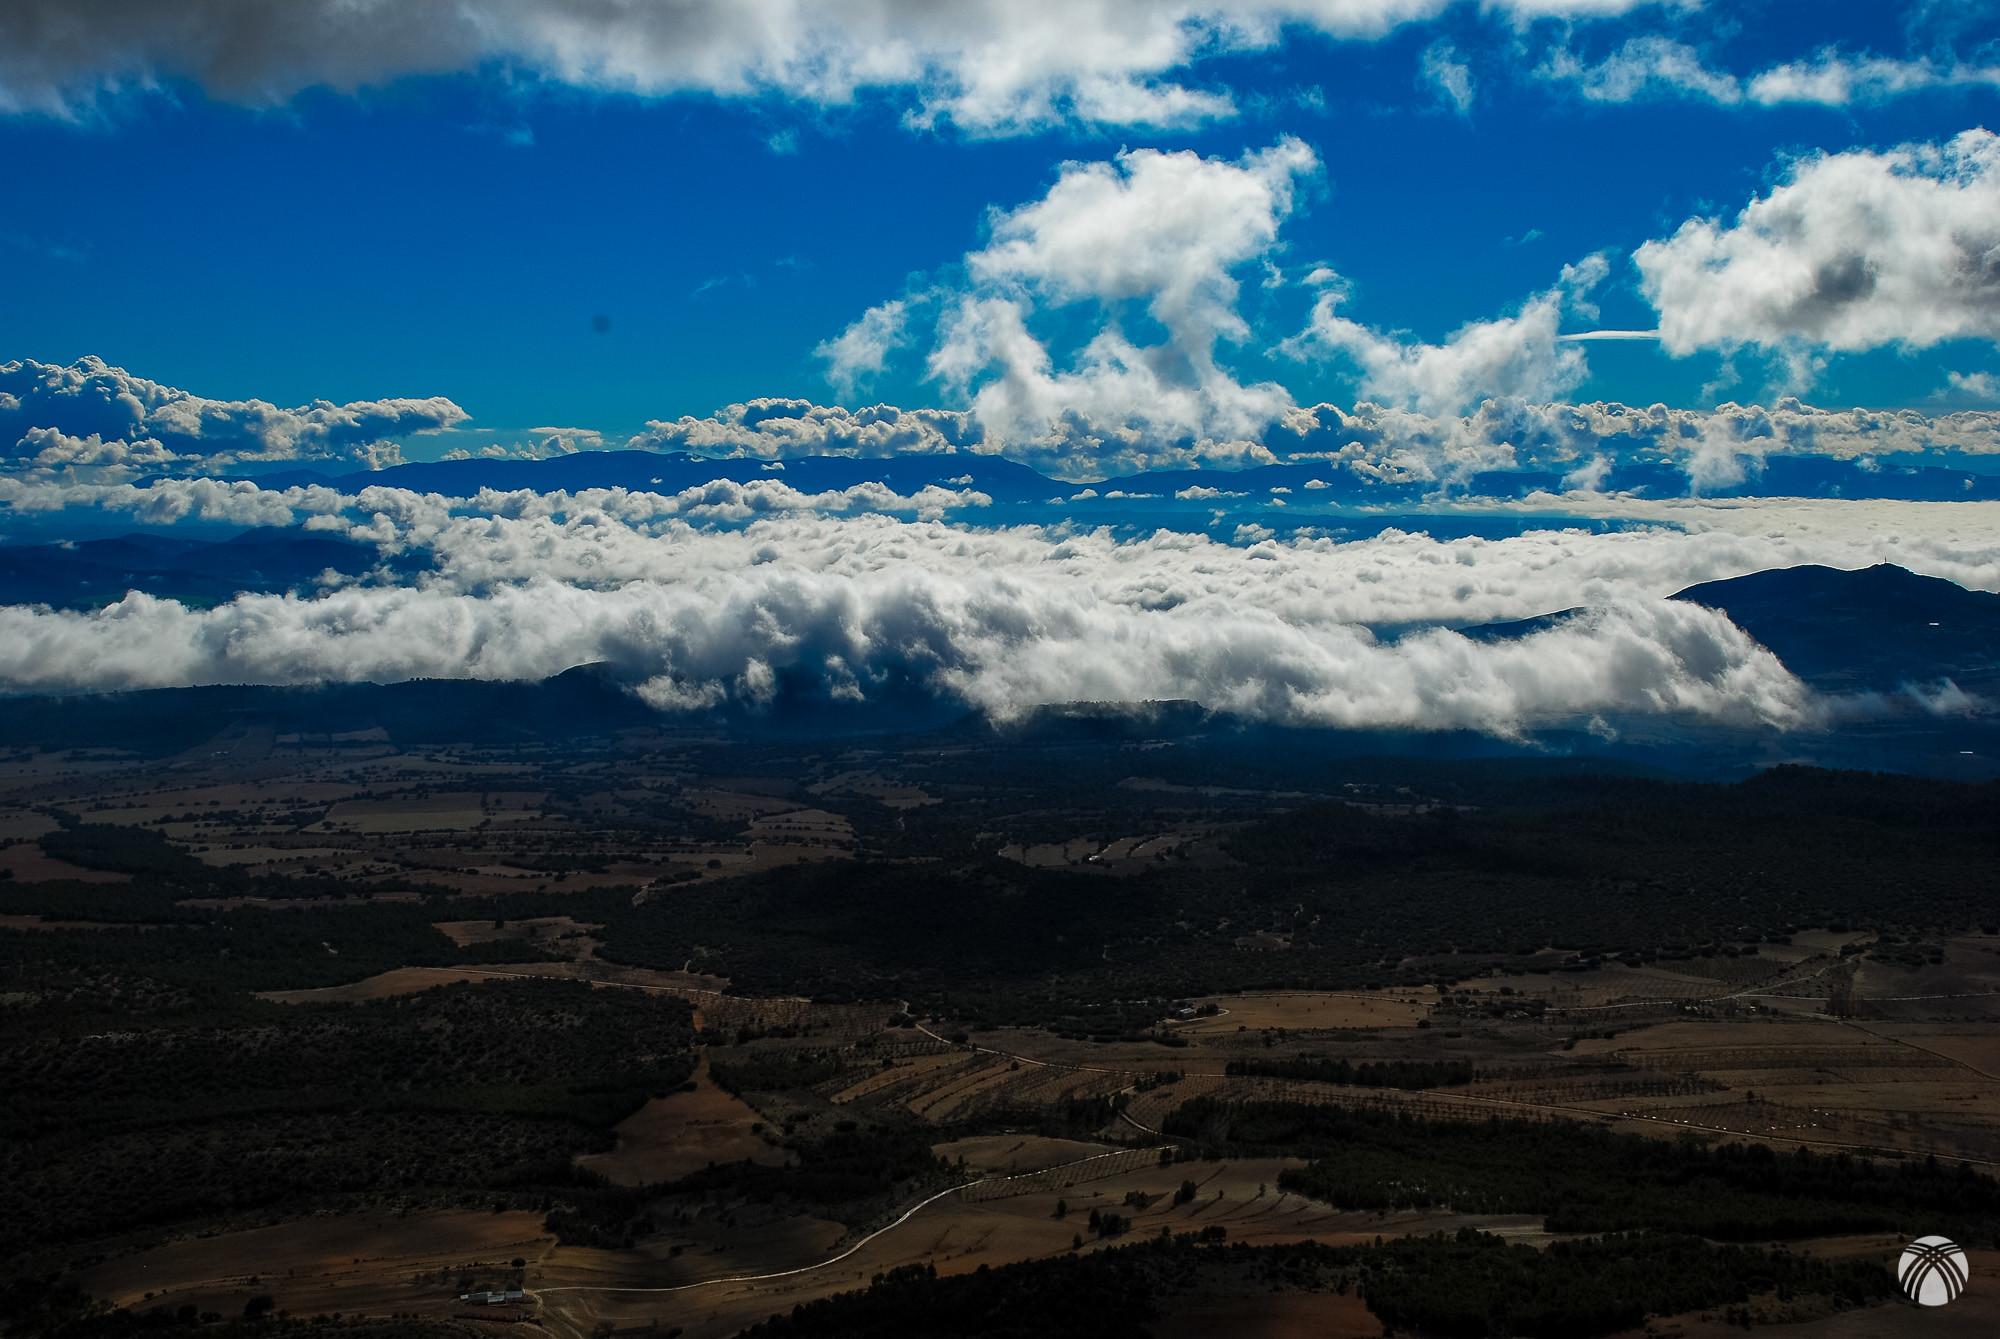 Sierra de María y las nubes que se acercan